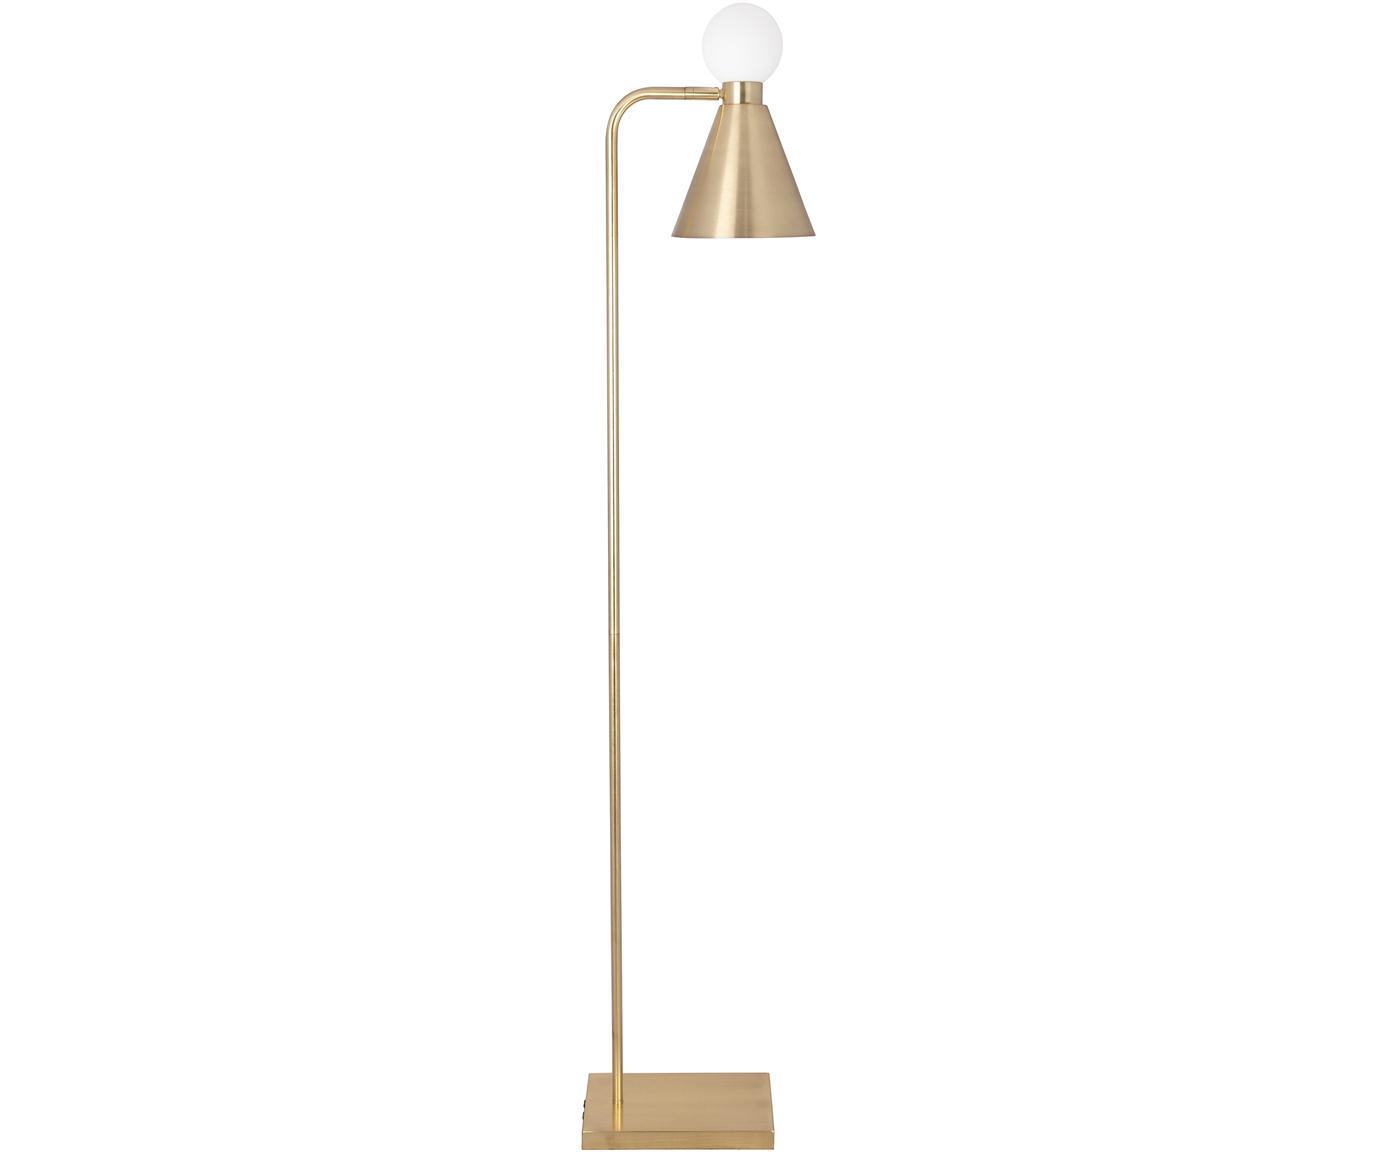 Lampada da terra con decoro in vetro Ludo, Paralume: metallo, Base della lampada: metallo, Ottonato, spazzolato, bianco, Larg. 18 x Alt. 156 cm